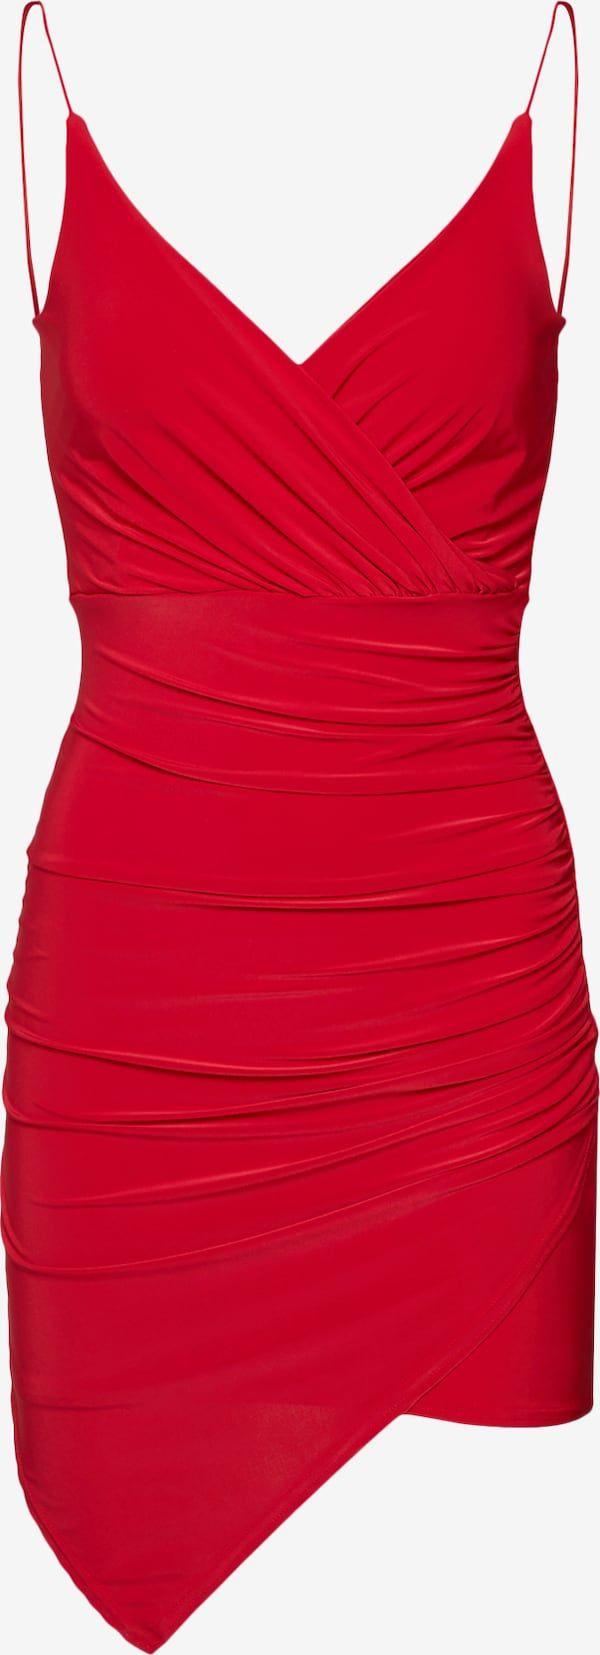 20 Schön About You Abendkleid Rot Bester PreisDesigner Spektakulär About You Abendkleid Rot Vertrieb